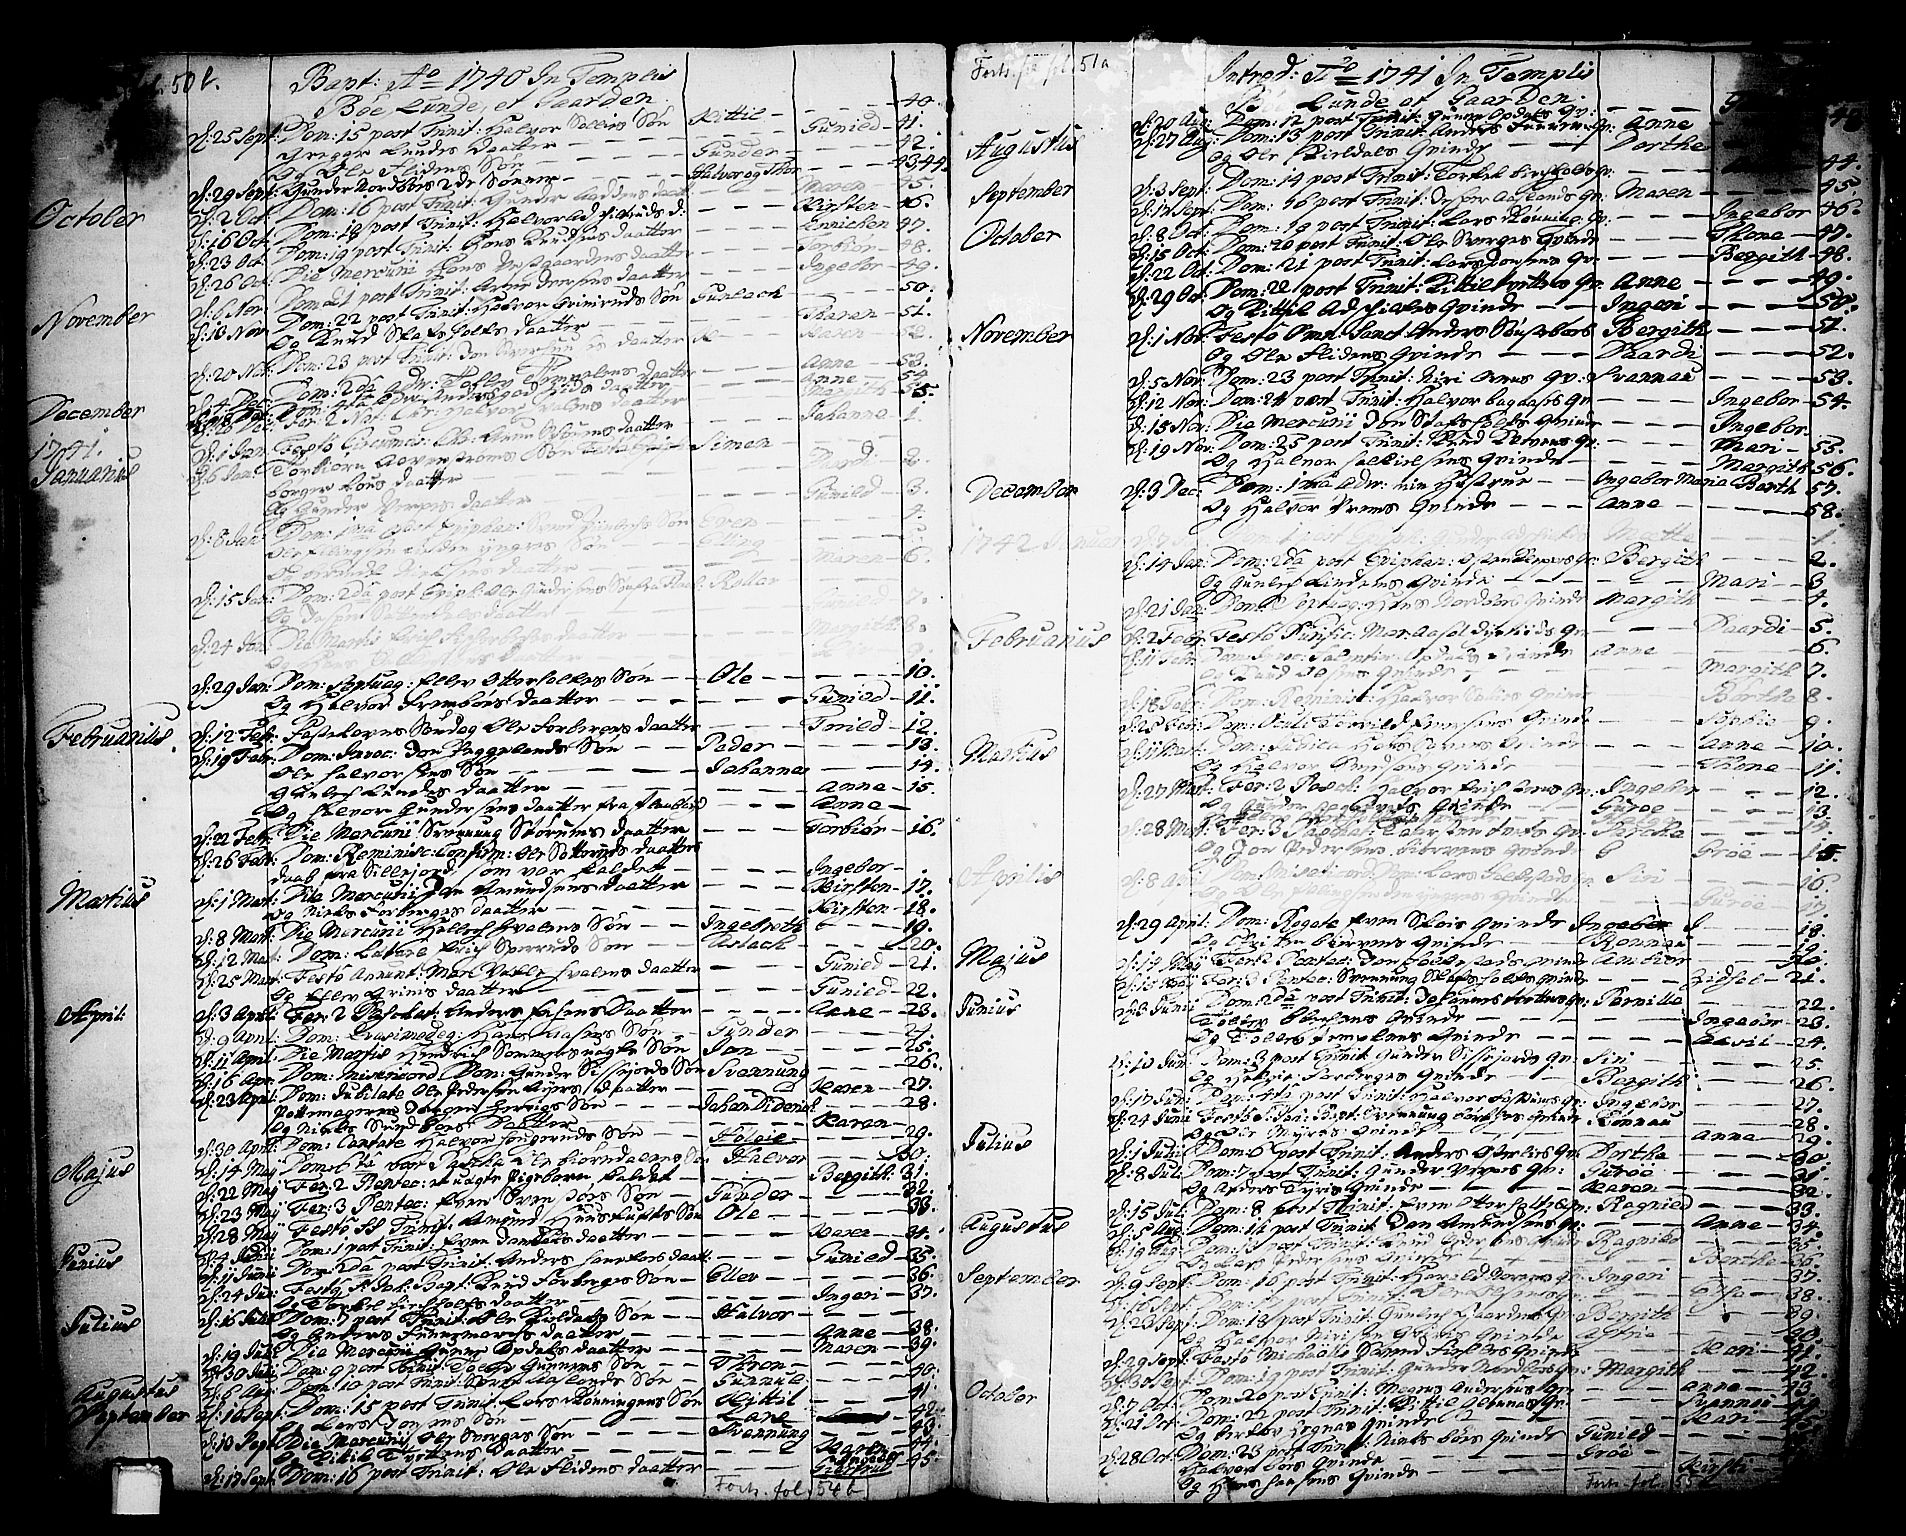 SAKO, Bø kirkebøker, F/Fa/L0003: Ministerialbok nr. 3, 1733-1748, s. 53